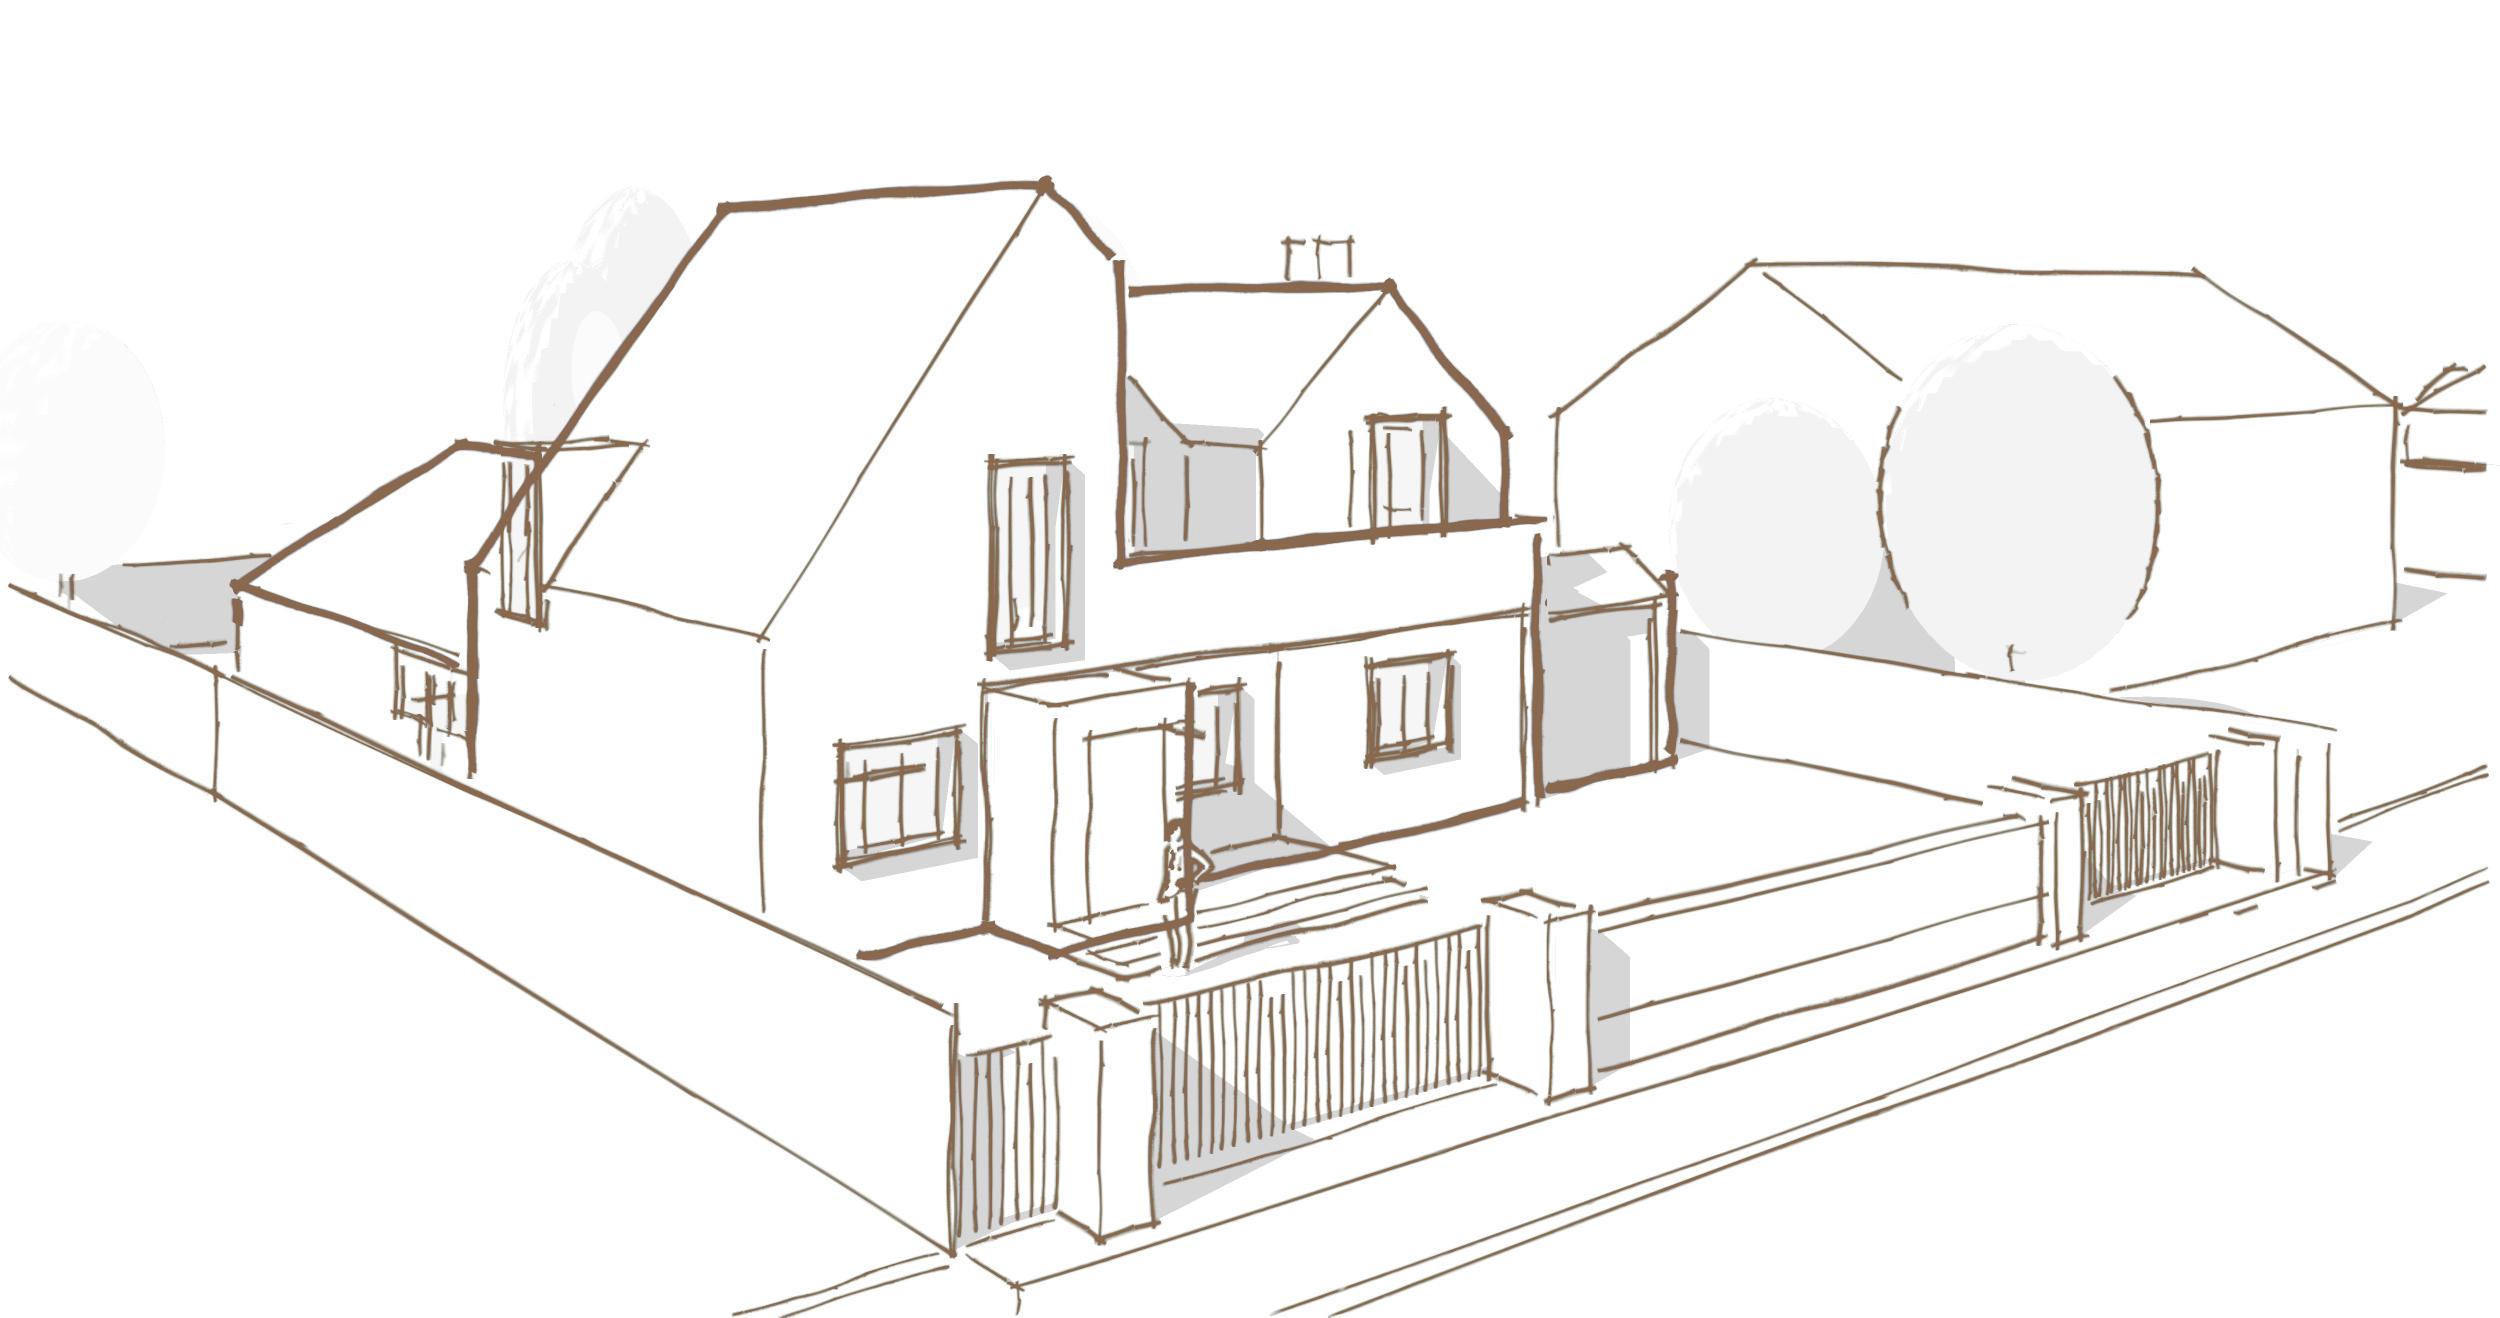 Proposed Architecture Conversion